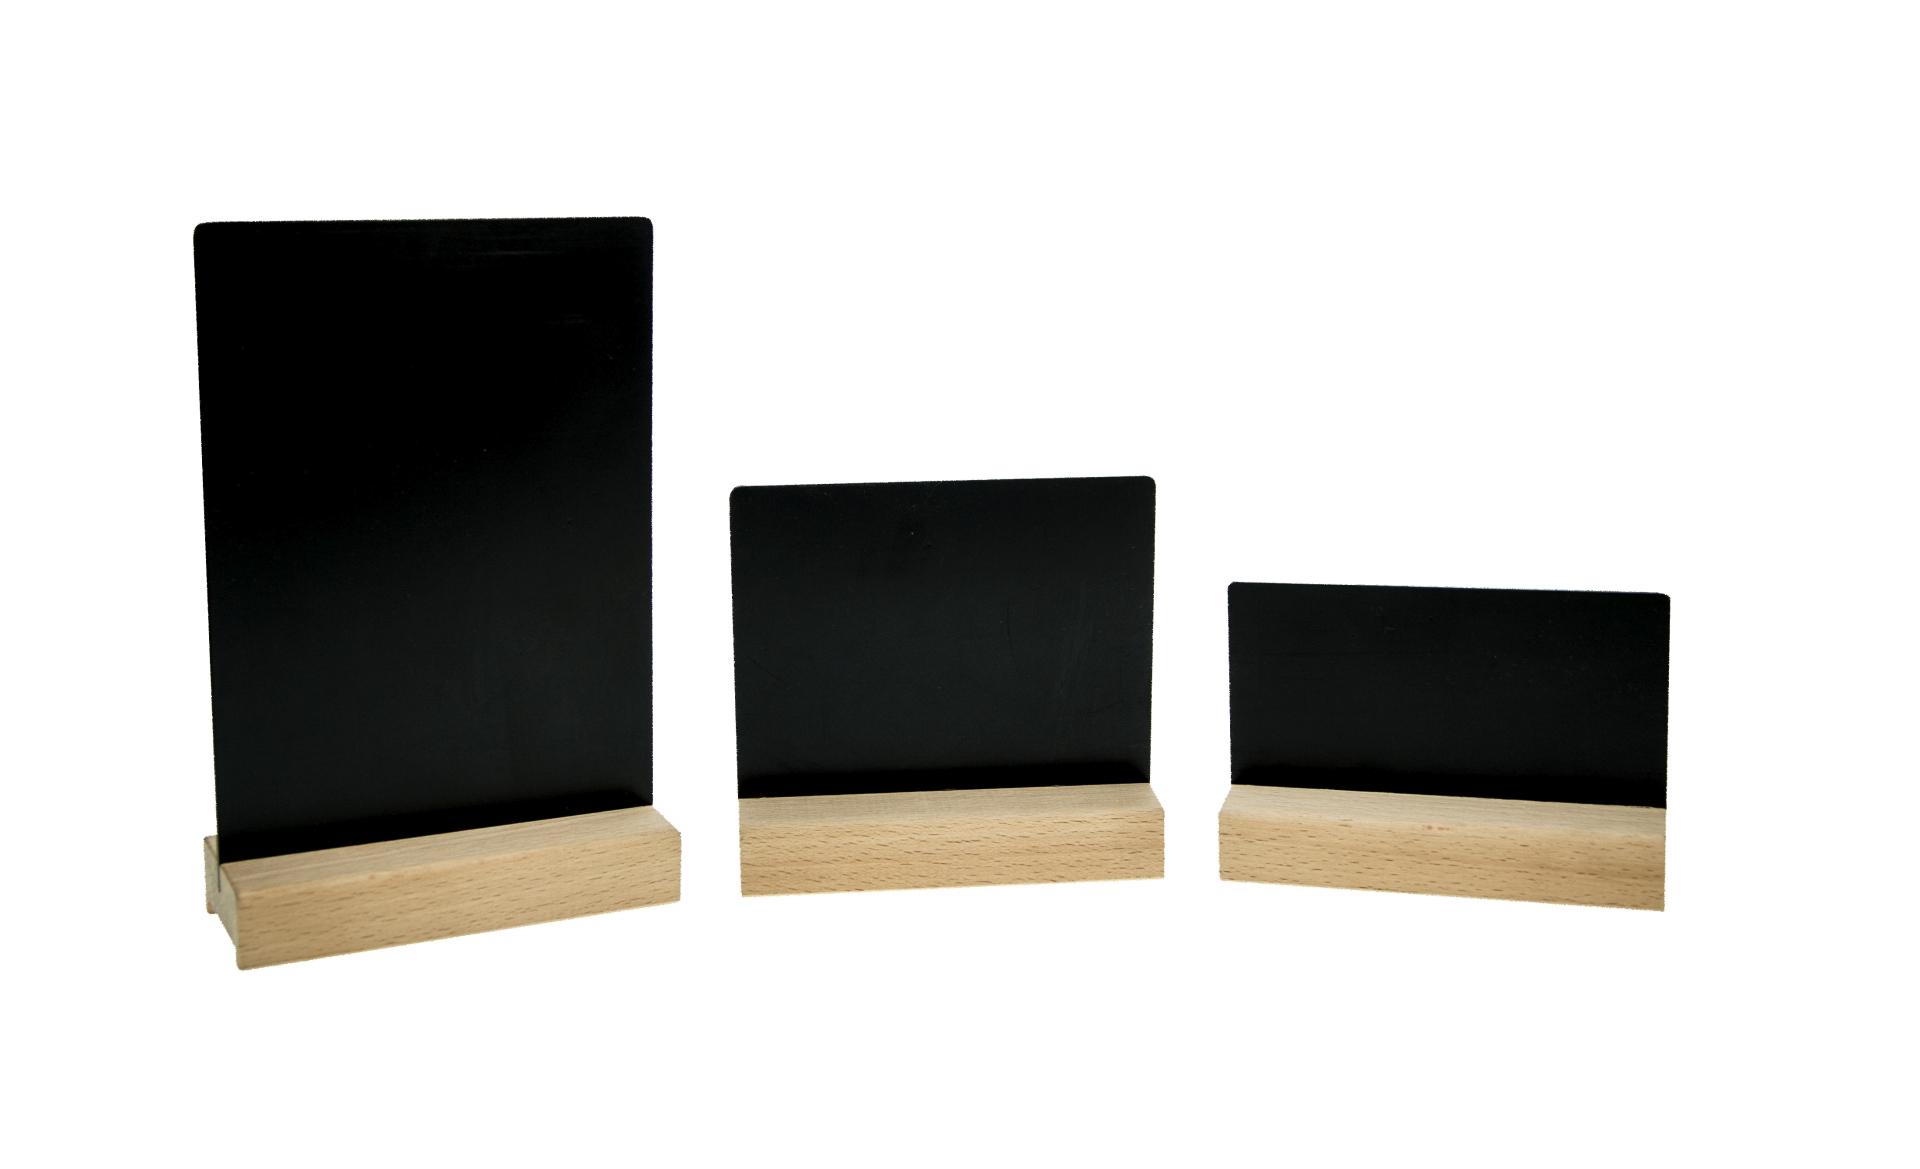 Tafelhalter Buche mit schwarzer Kreidetafel, 3 verschiedene Größen